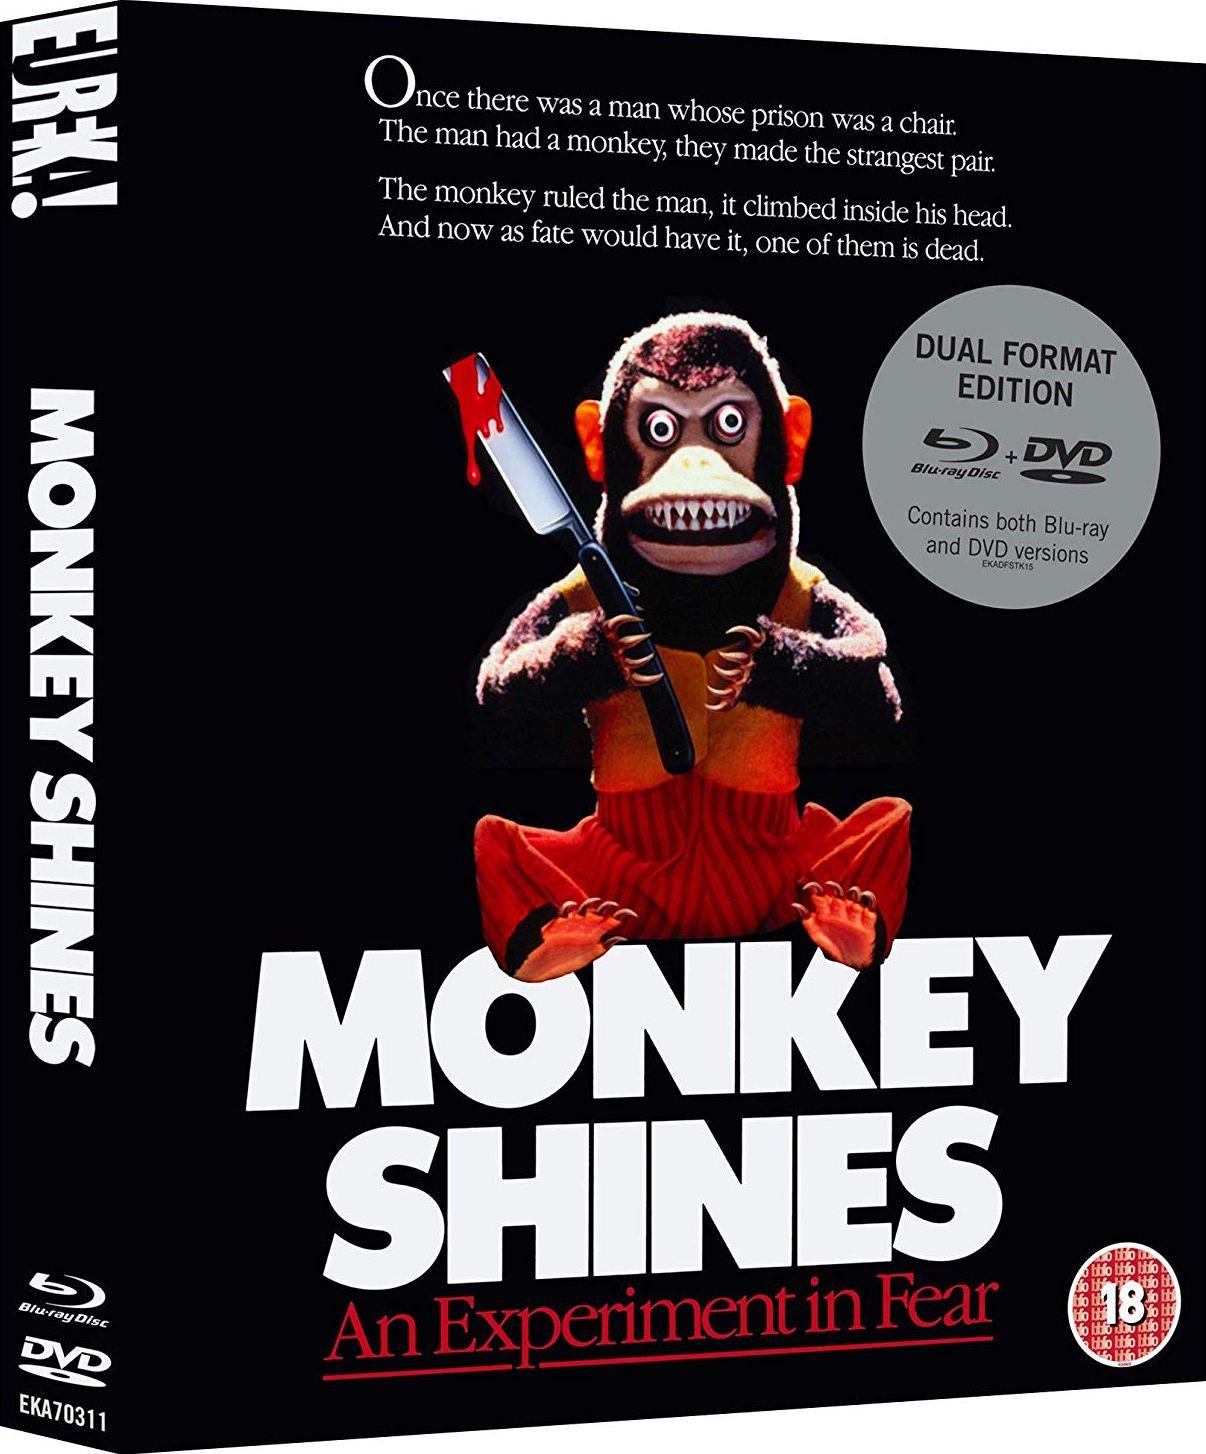 MONKEY SHINES LIMITED EDITION BLURAY SLIPCOVER UK (EUREKA